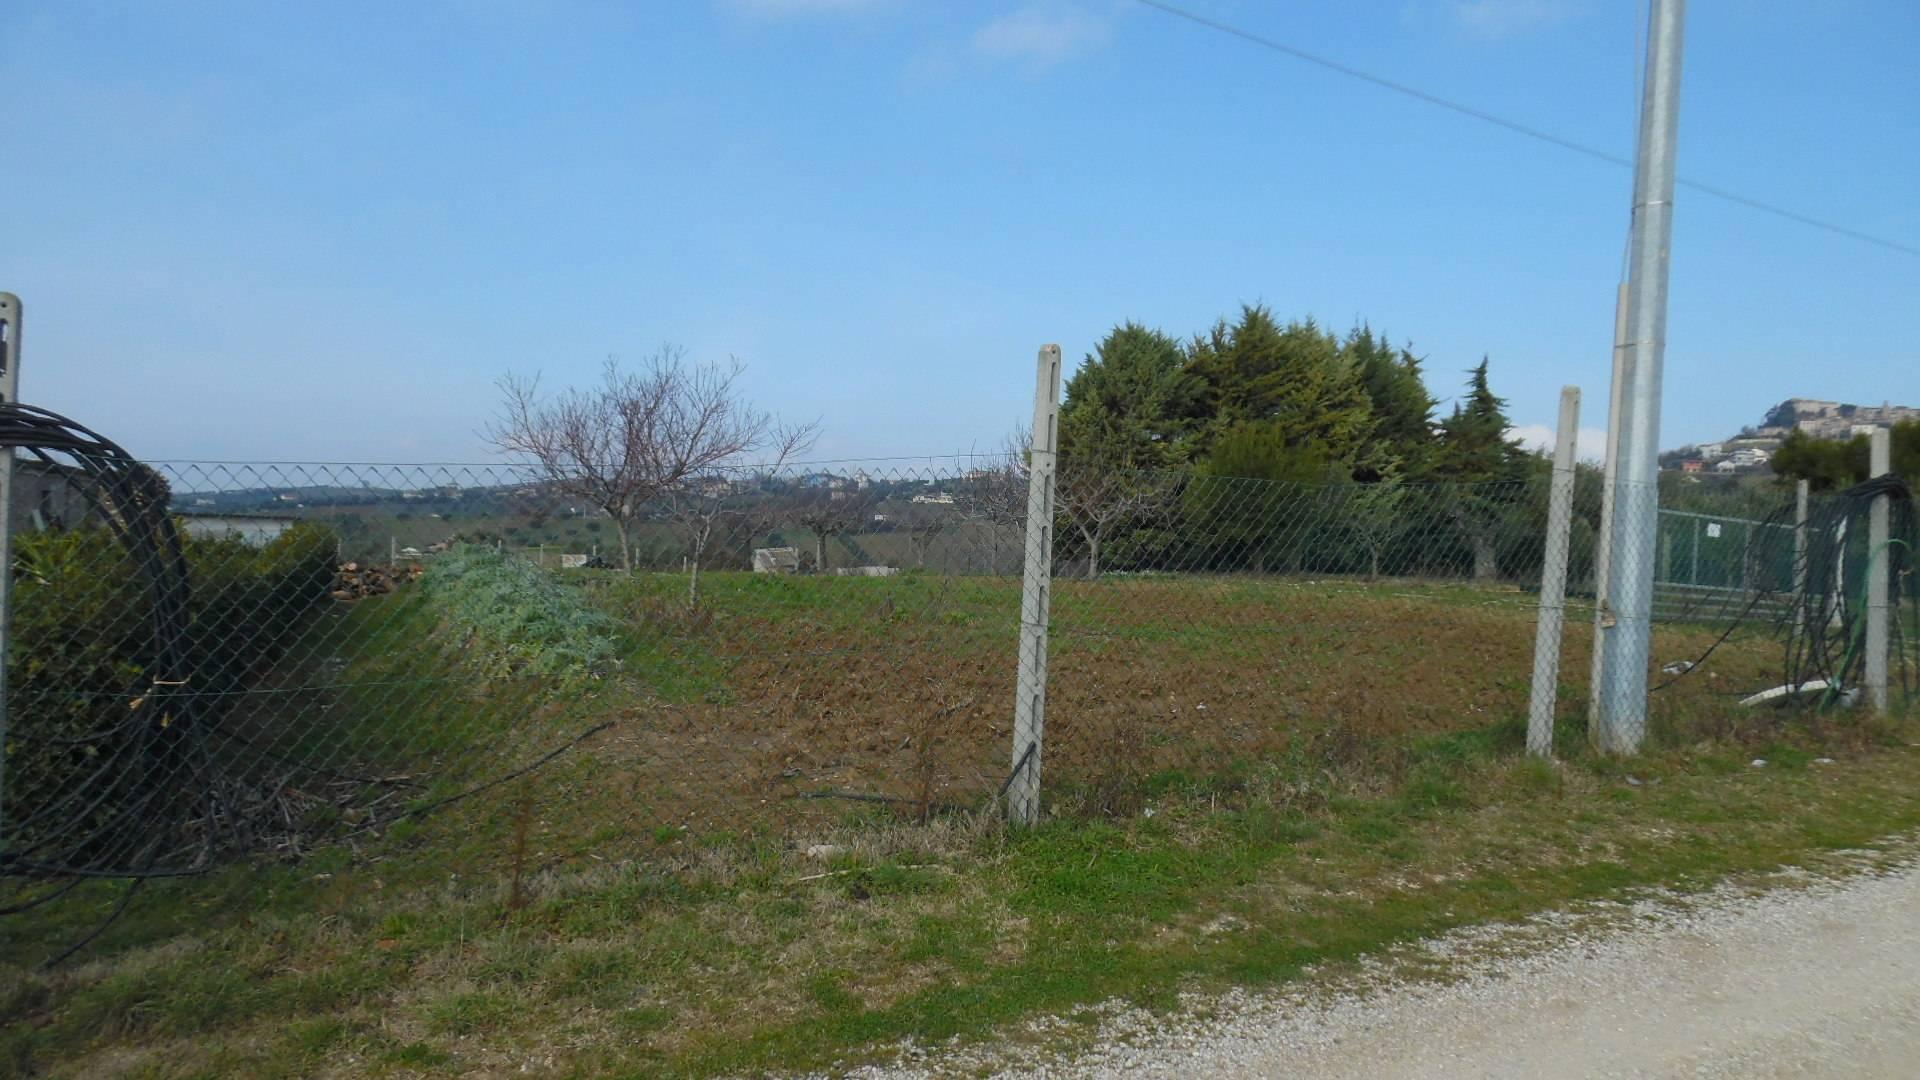 Terreno Edificabile Residenziale in vendita a Colonnella, 9999 locali, zona Località: ContradaRioMoro, prezzo € 50.000   CambioCasa.it